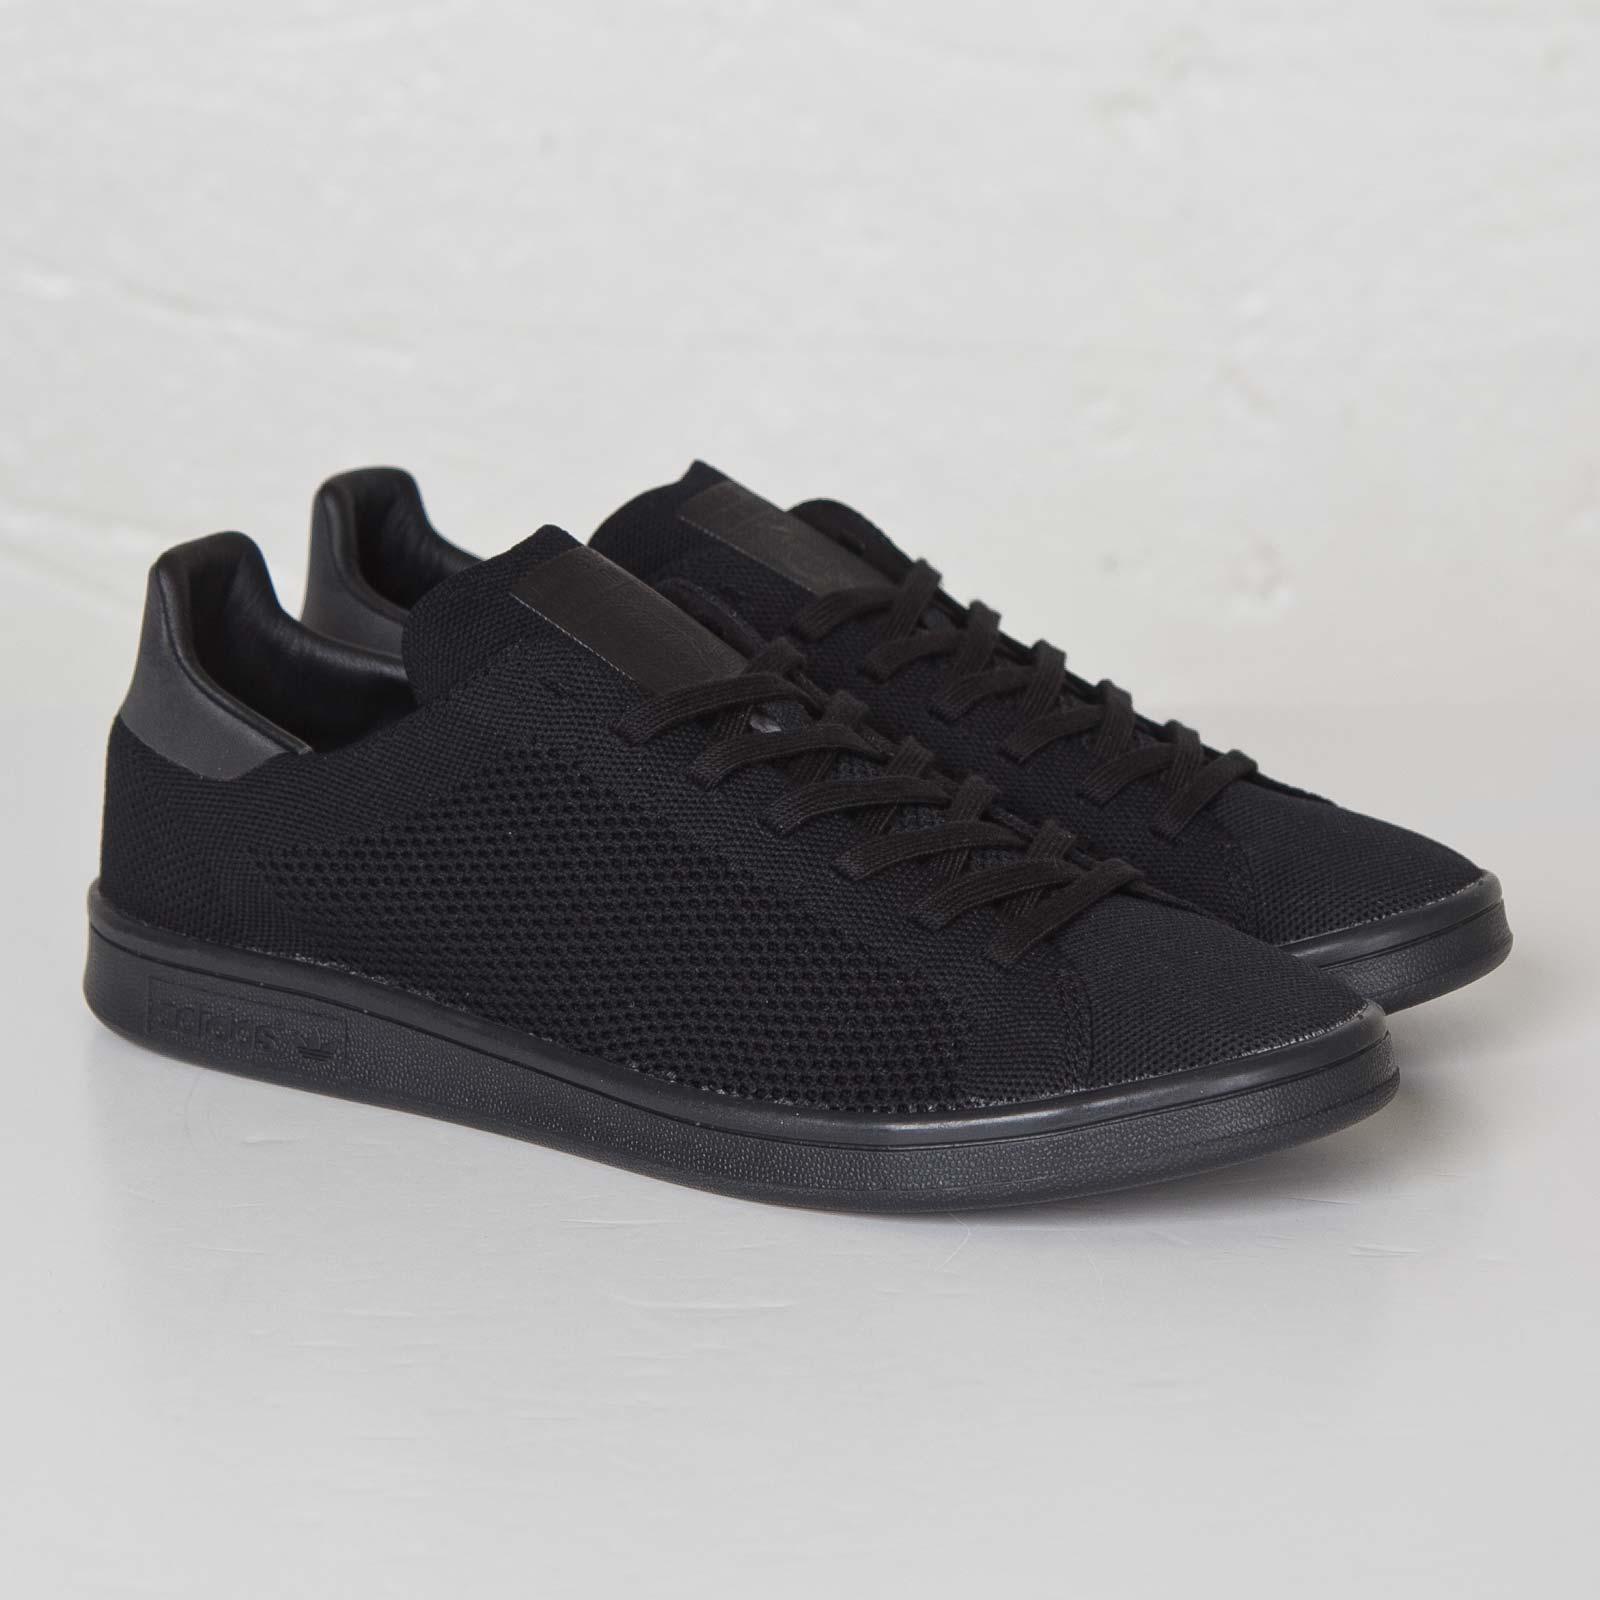 adidas stan smith primeknit af4452 sneakersnstuff. Black Bedroom Furniture Sets. Home Design Ideas